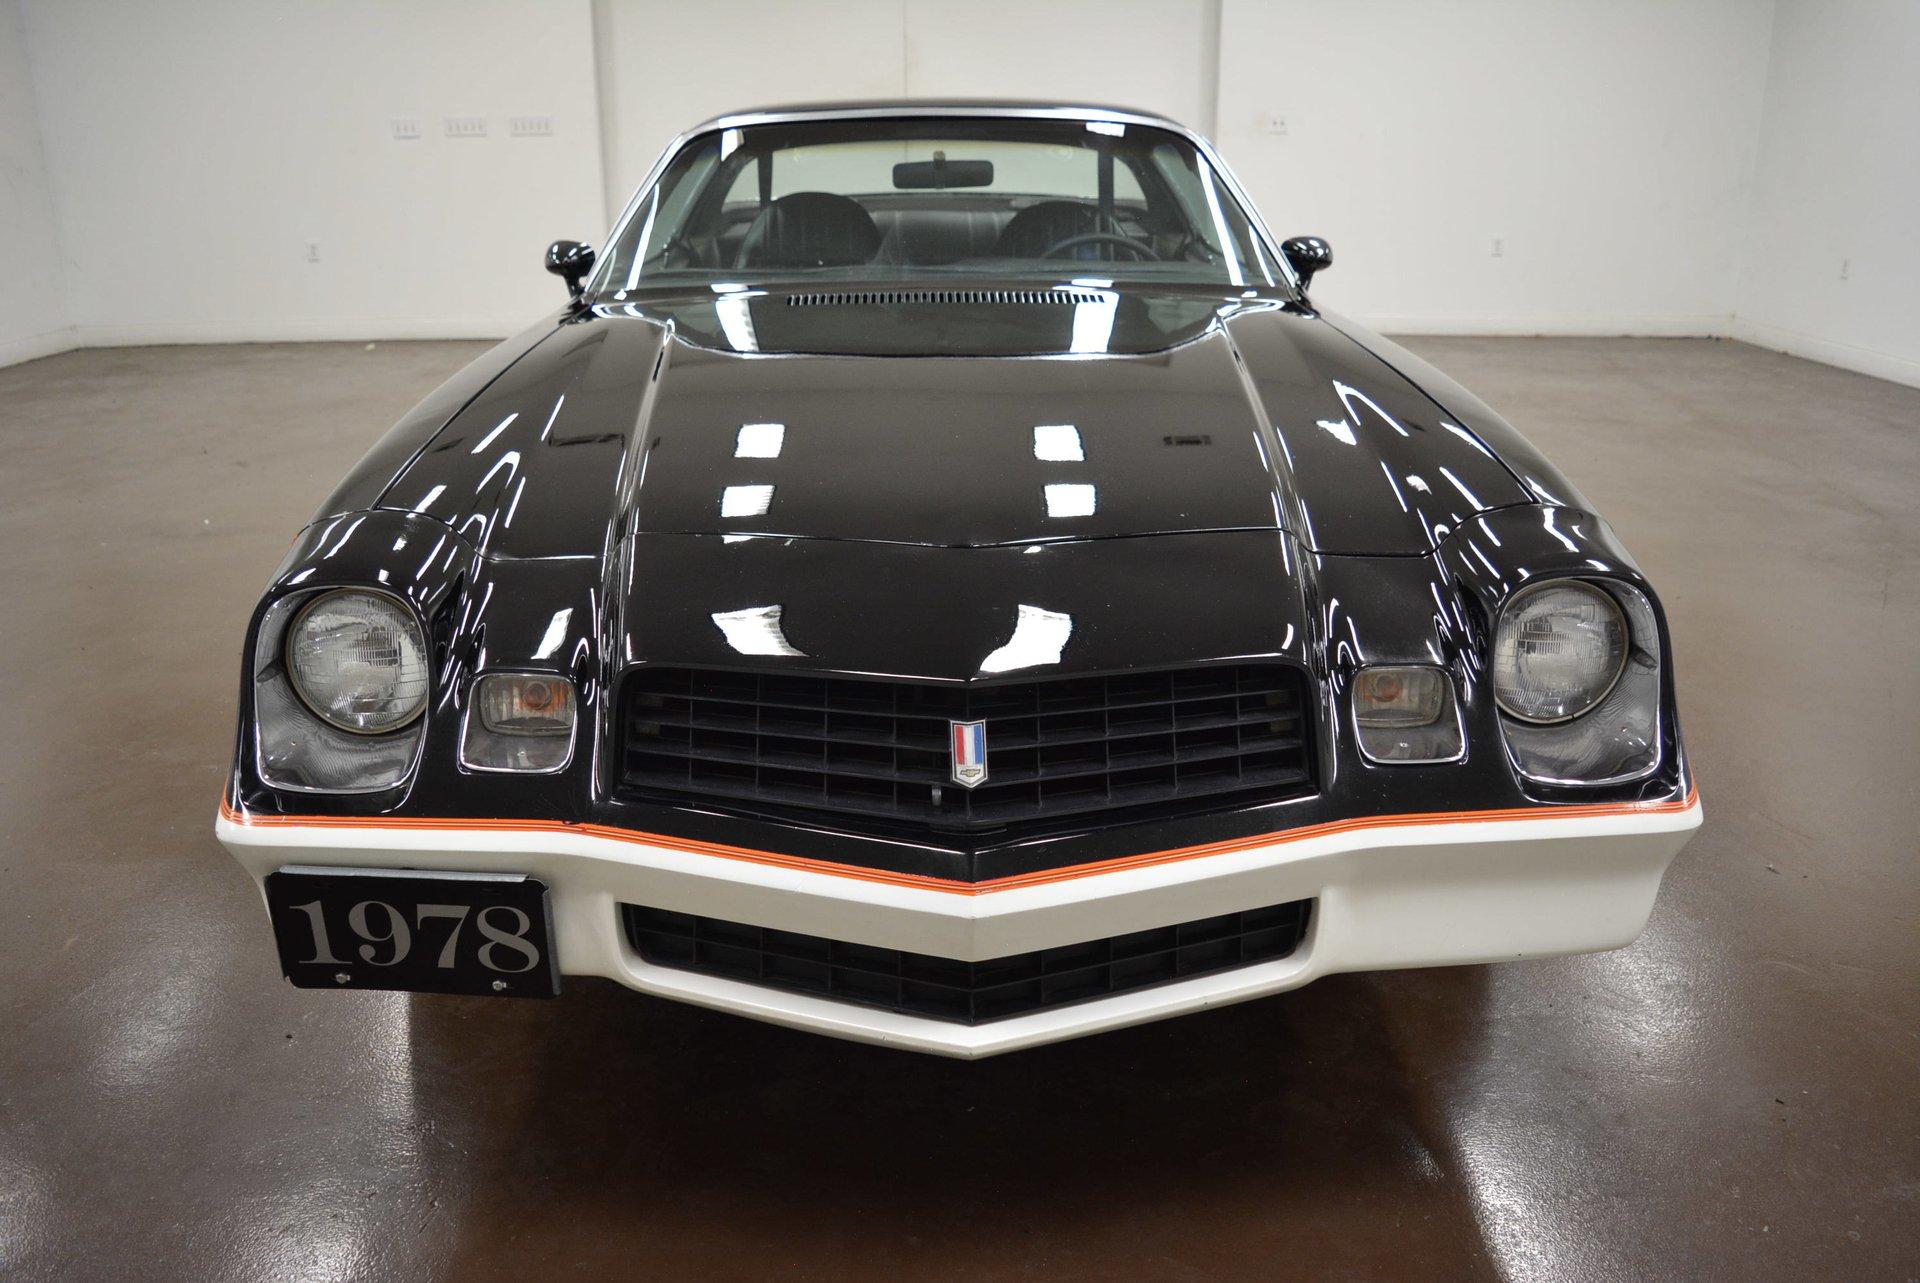 1978 Chevrolet Camaro | Classic Car Liquidators in Sherman, TX